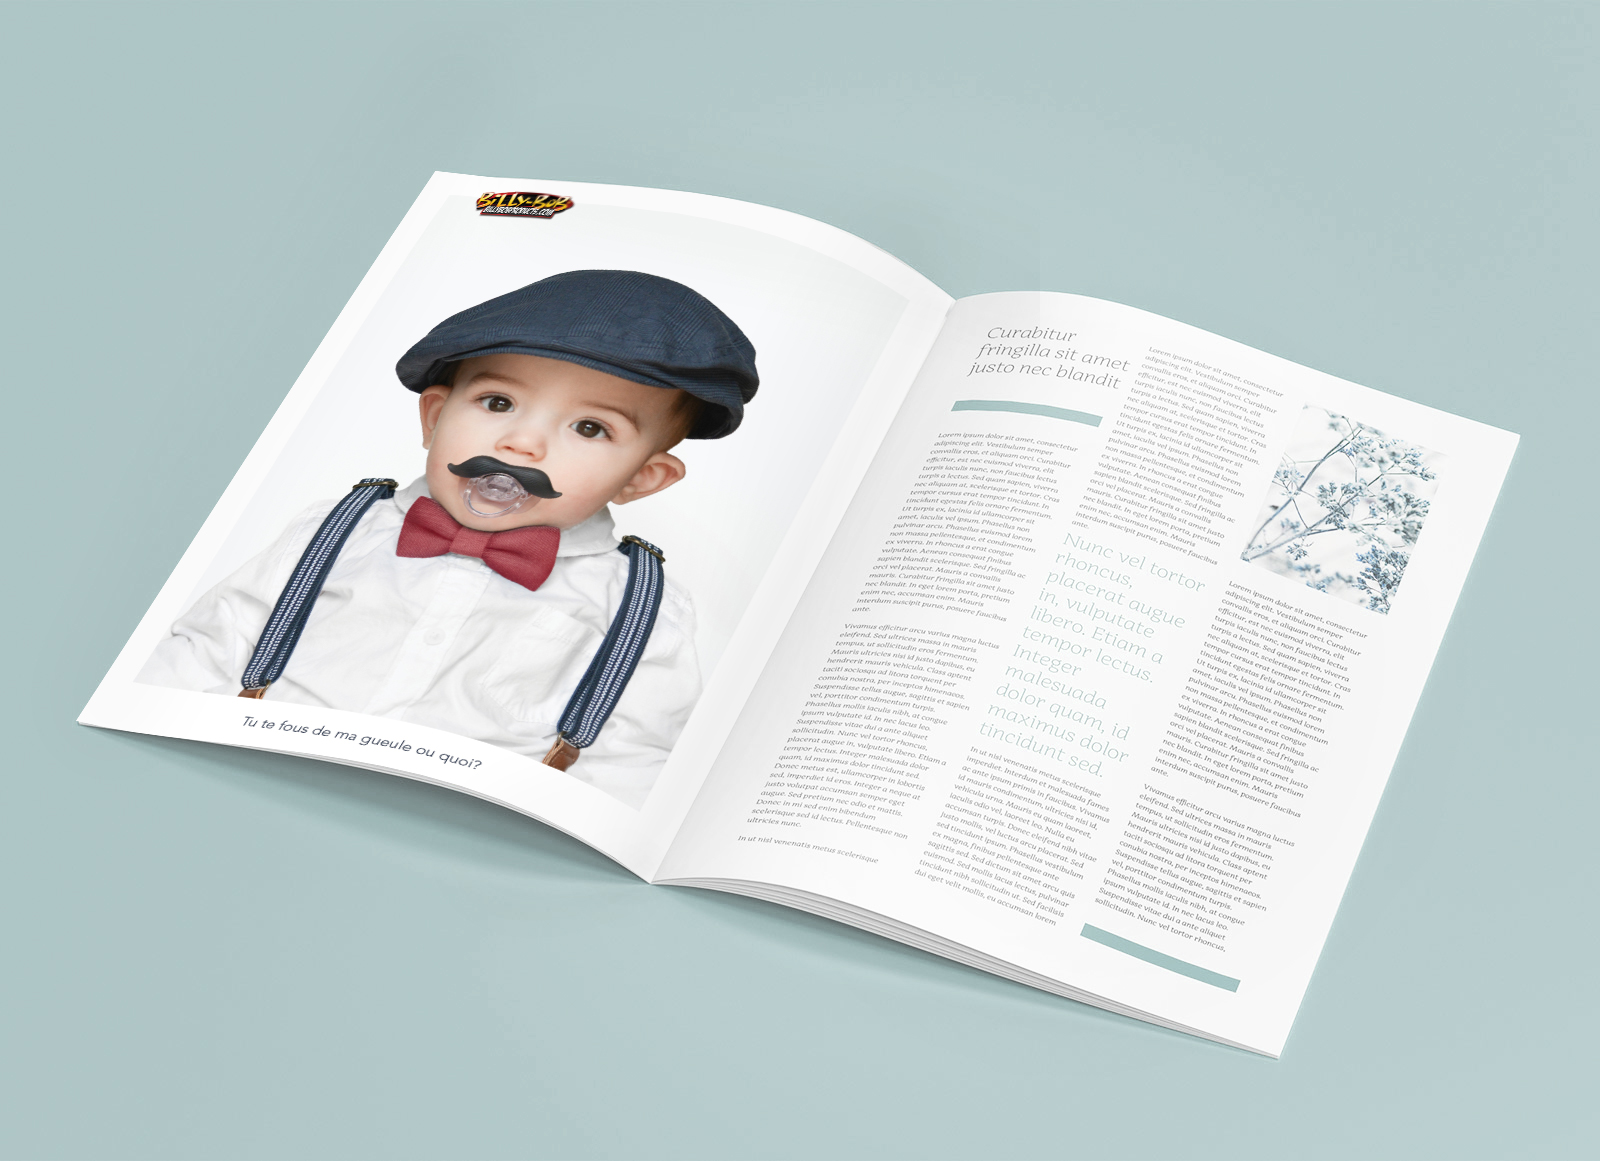 Billybob magazine